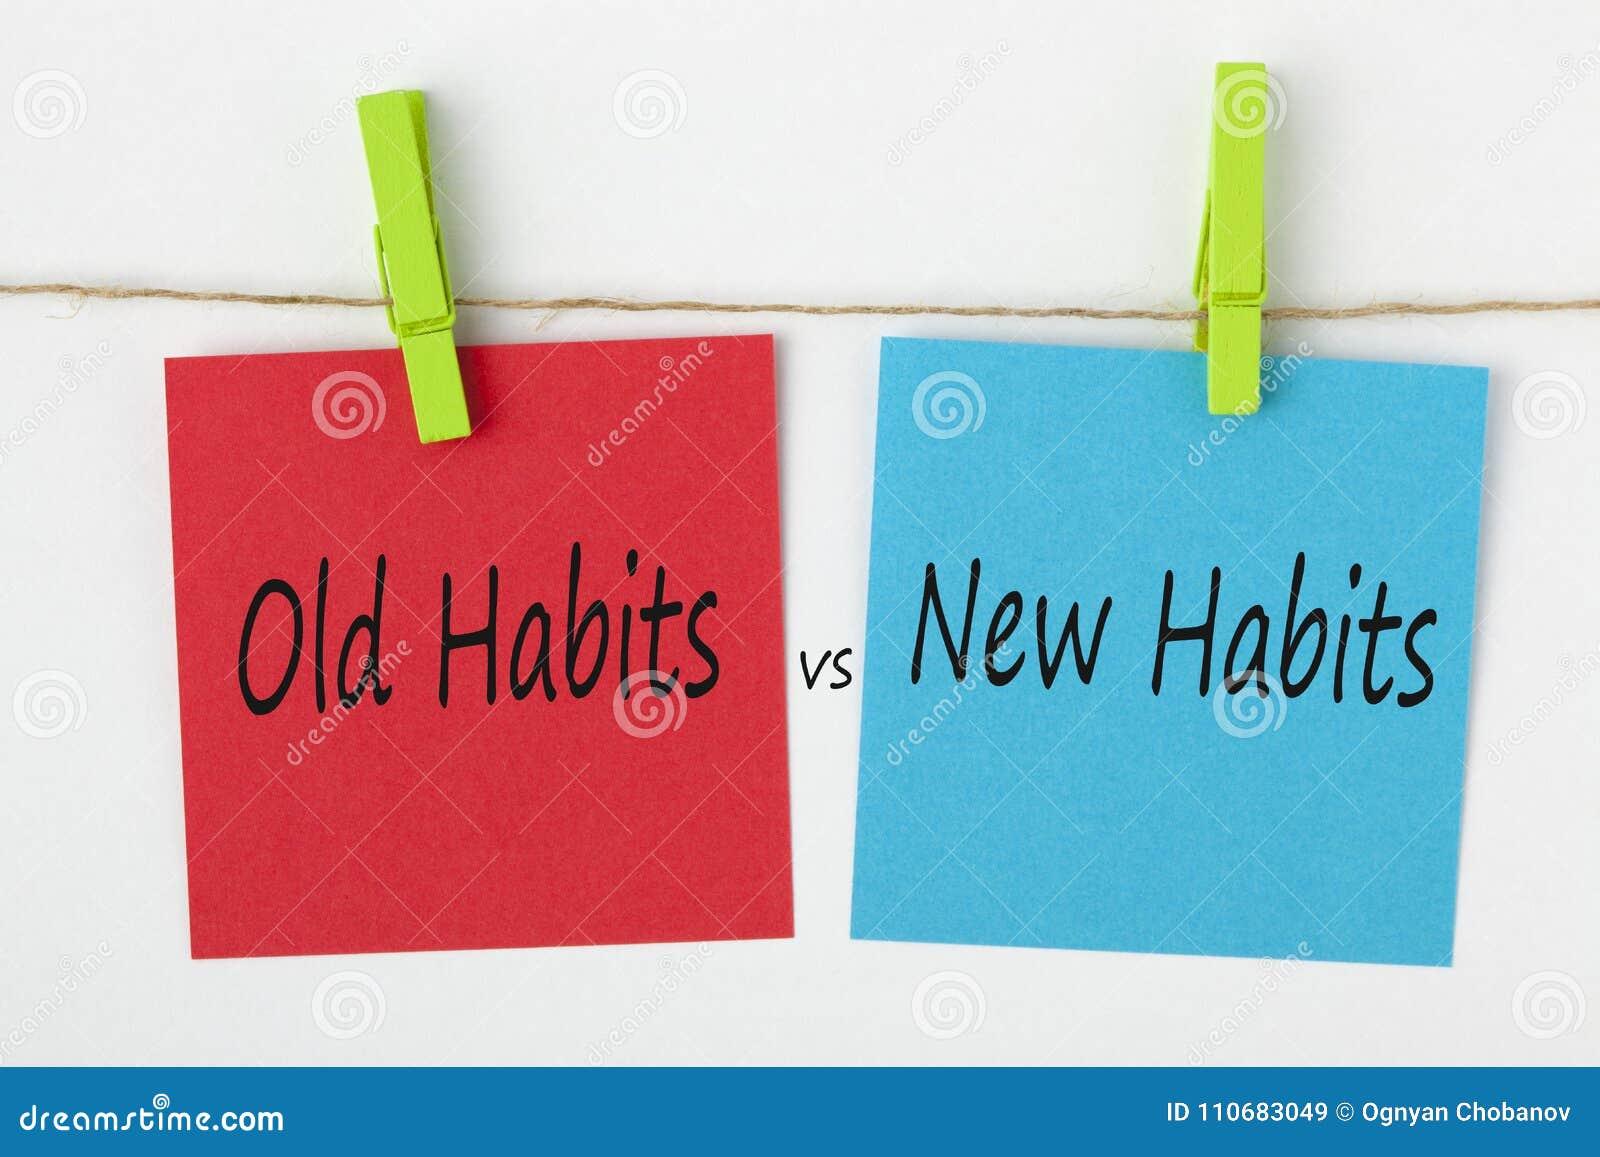 新的习性对老习性概念词